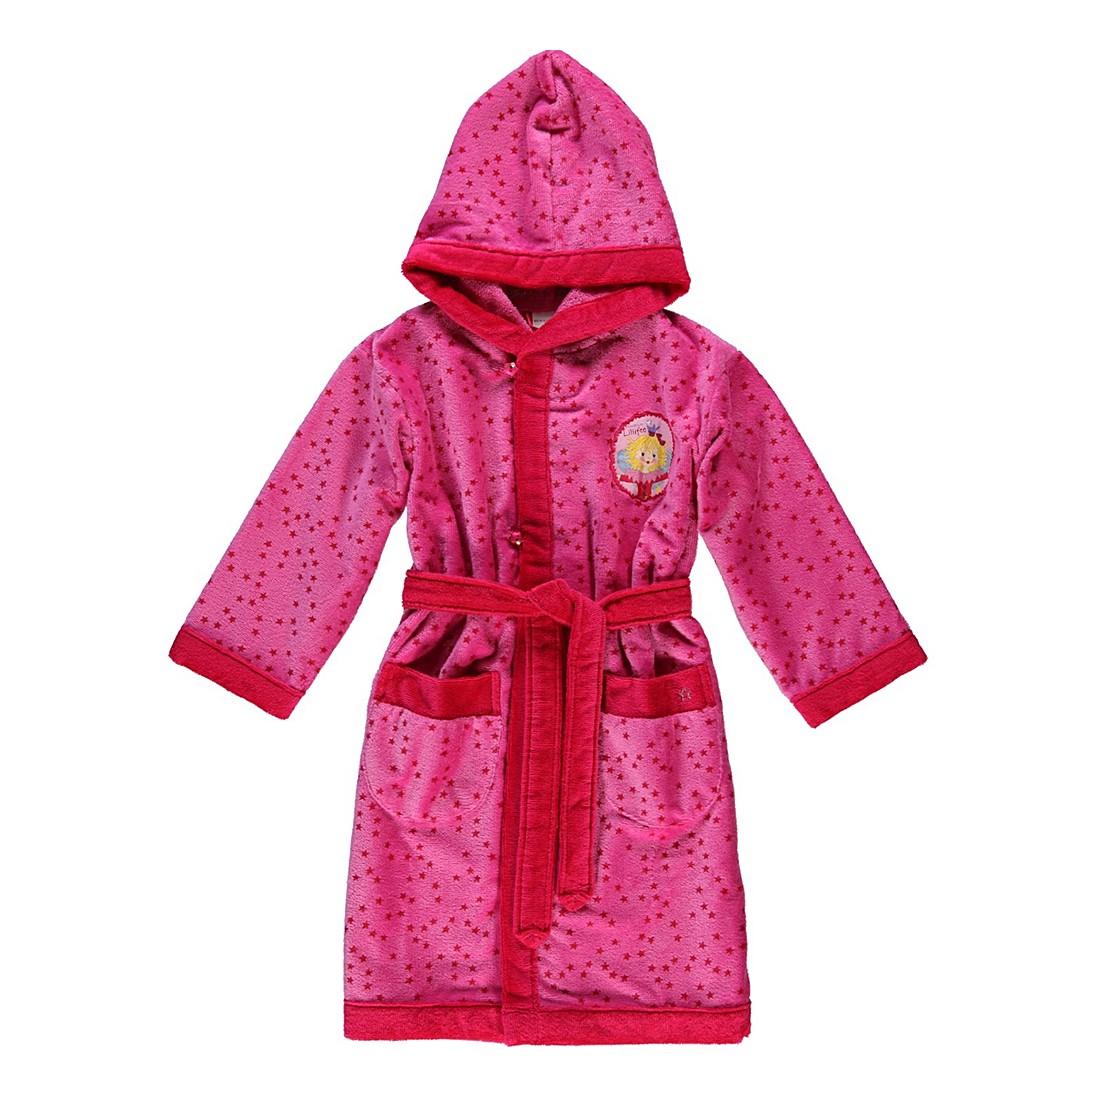 Kinderbademantel Stern – Kinder – Velours – 85% Baumwolle – 15% Polyester bonbonRosa – 599 – Größe: 104, Morgenstern jetzt kaufen